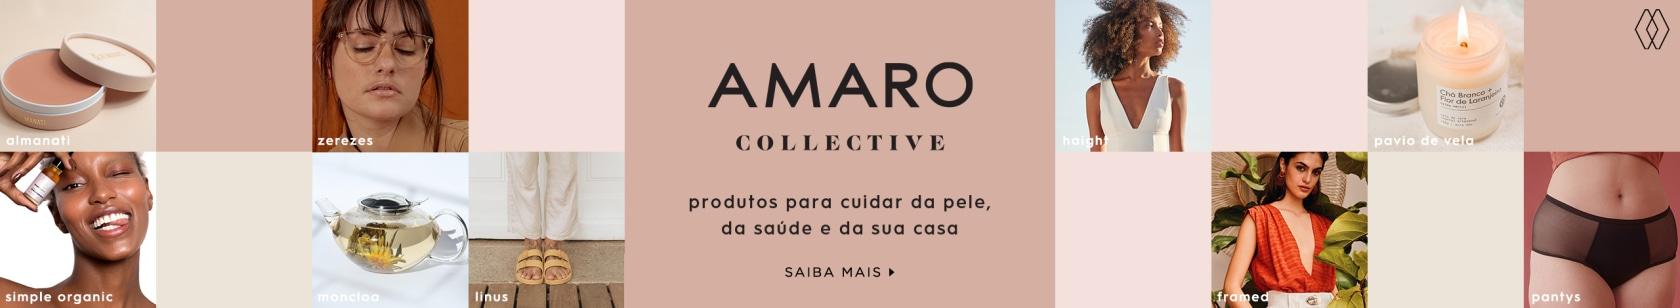 MARCAS FEMININAS | AMARO COLLECTIVE